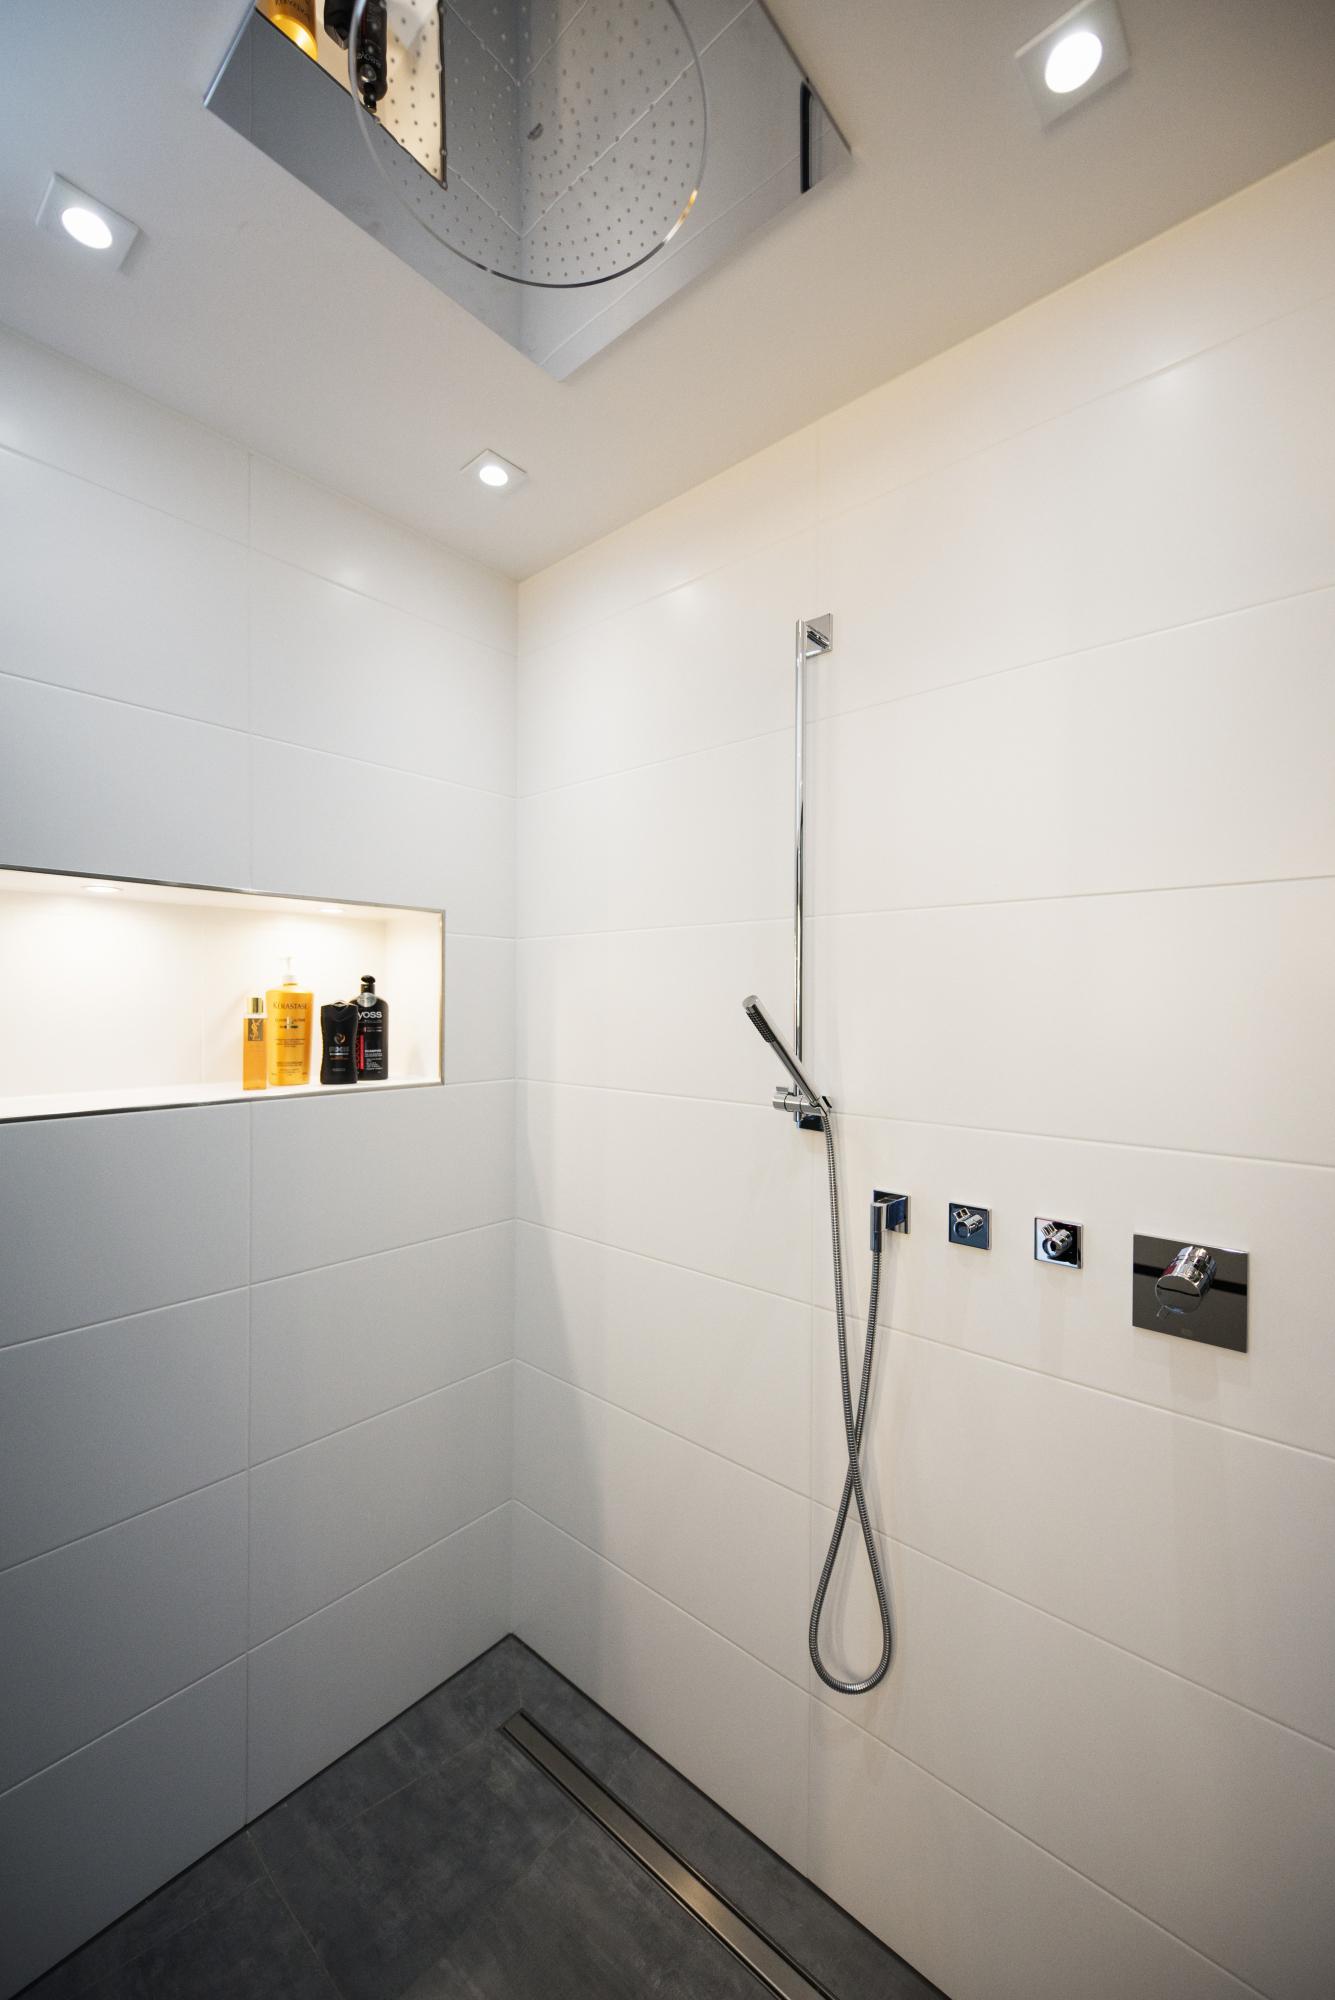 www.ideenraumgeben.de-exklusives-bad-mit-viel-wohlfuehlfaktor-dusche-von-innen